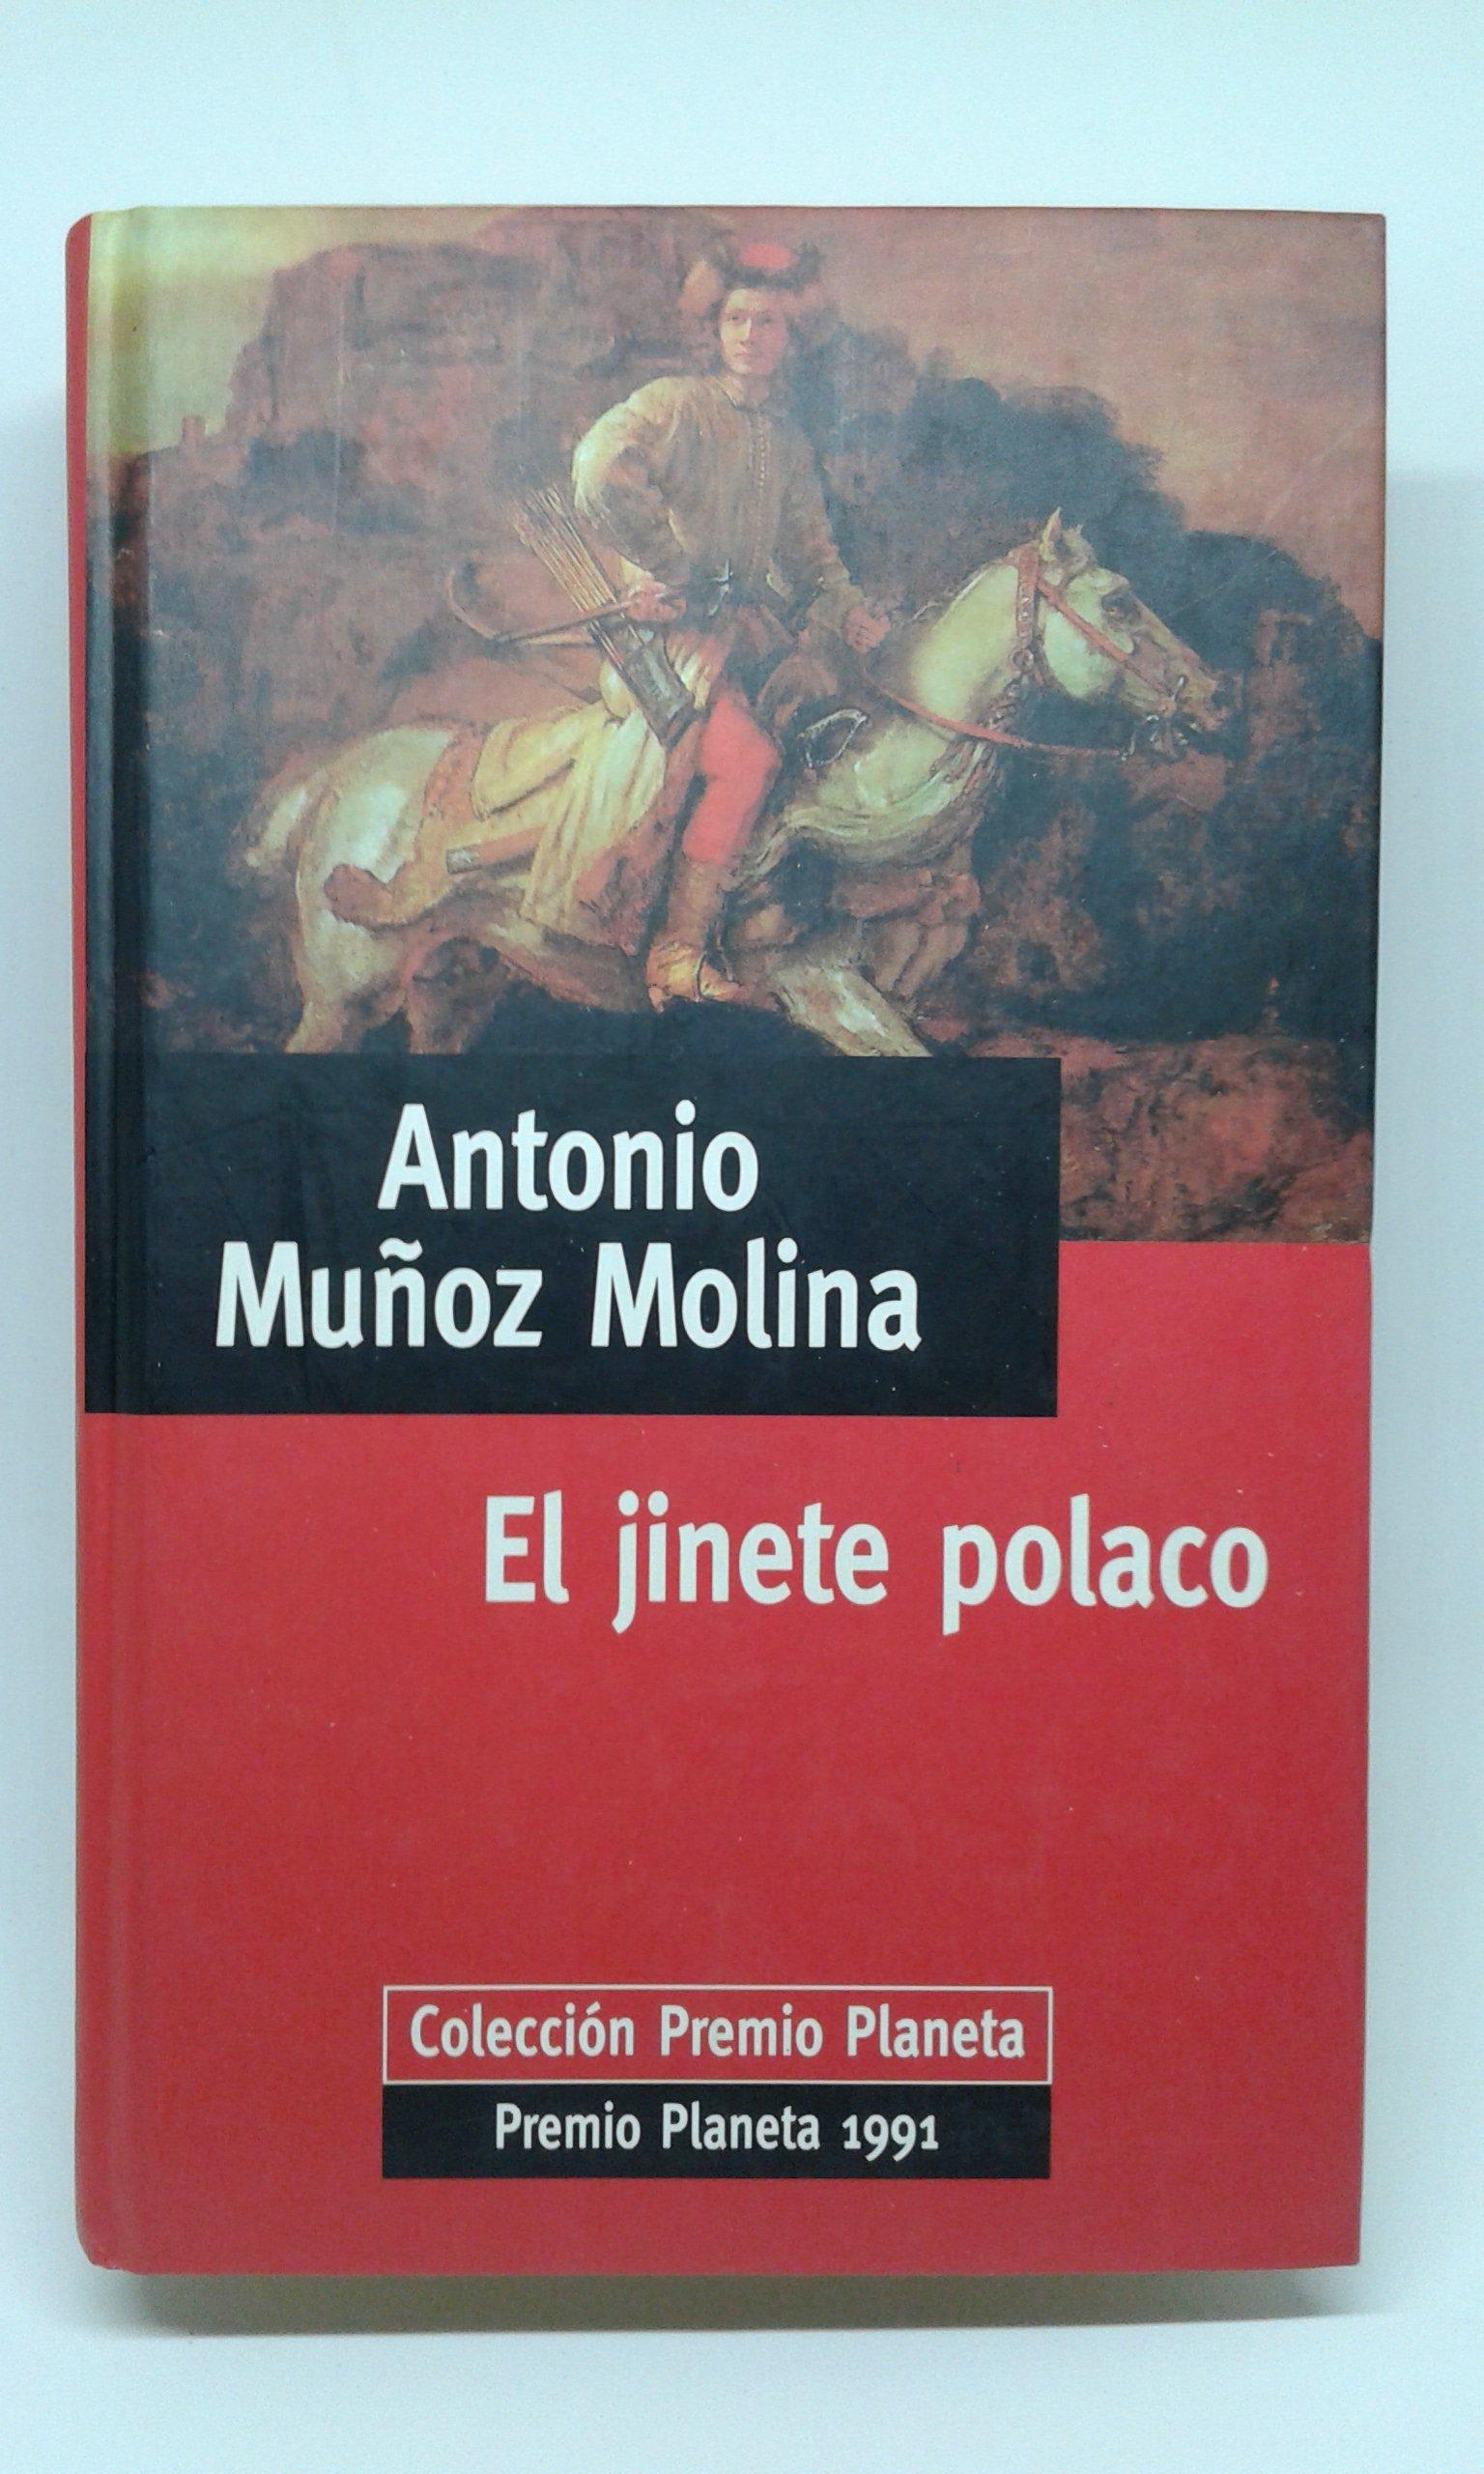 El jinete polaco (Espagnol): Amazon.es: Muñoz Molina, Antonio: Libros